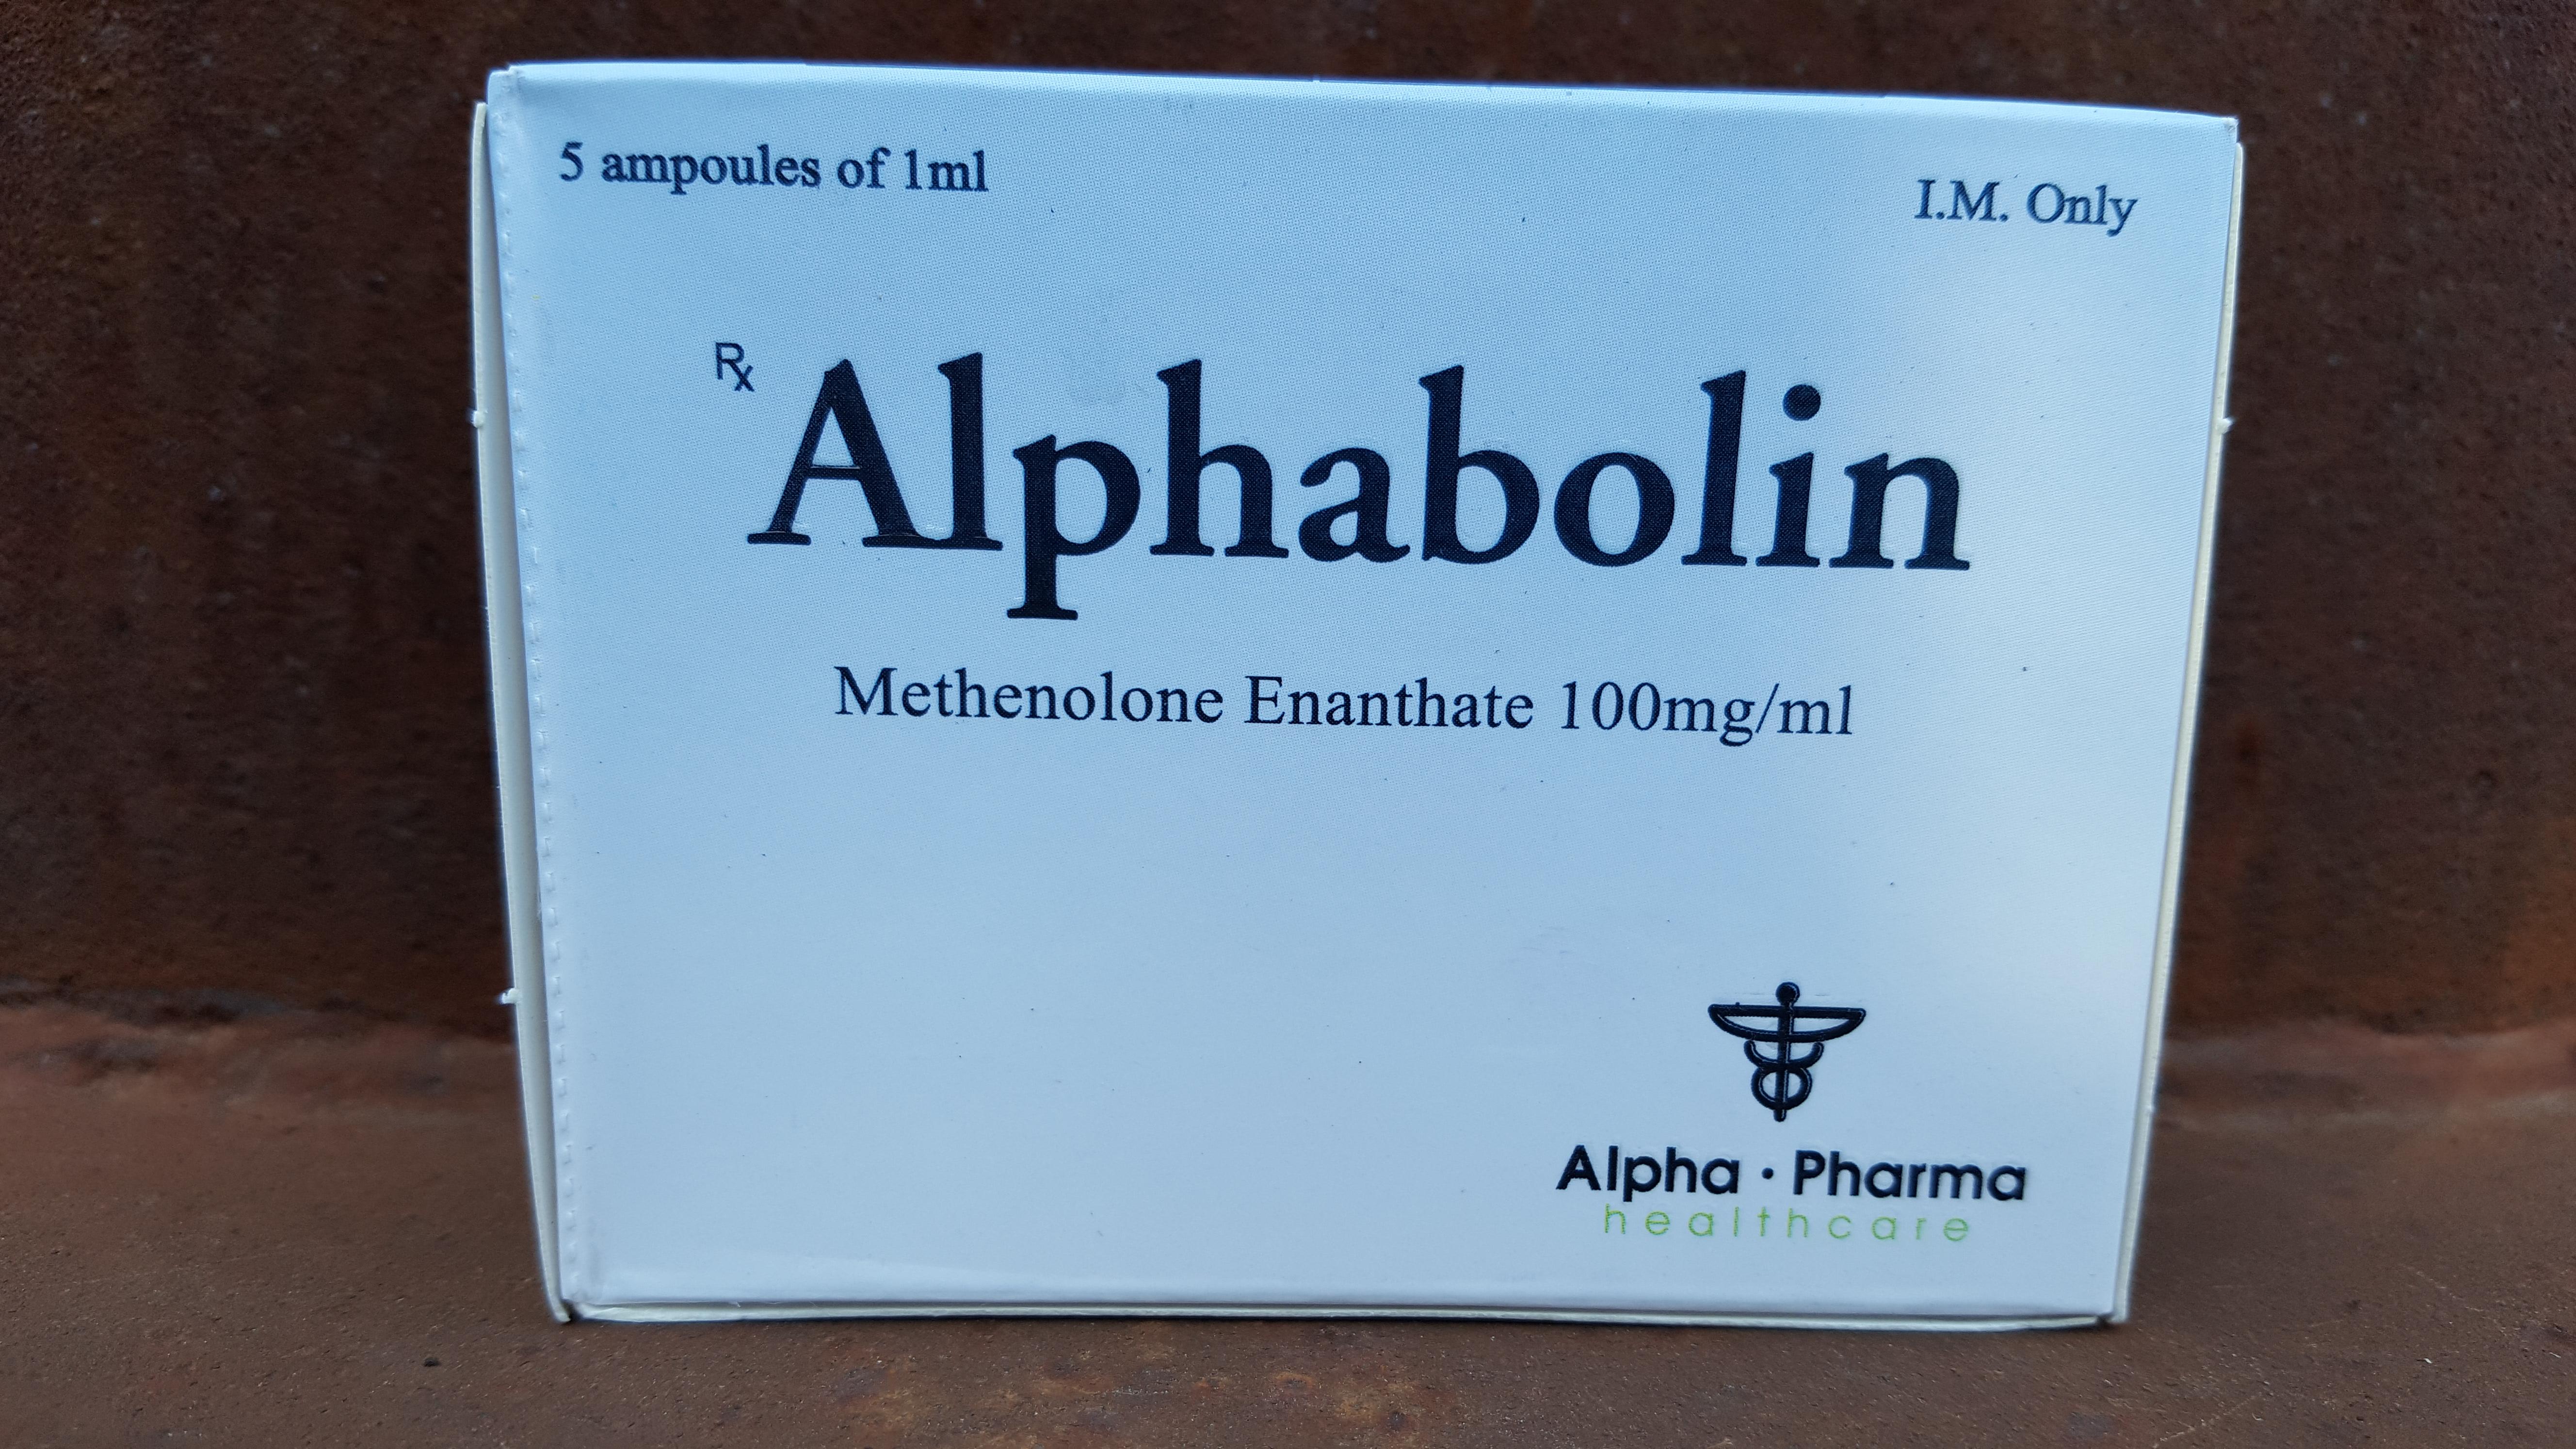 primobolan depot 100 mg 1 ampul fiyat?